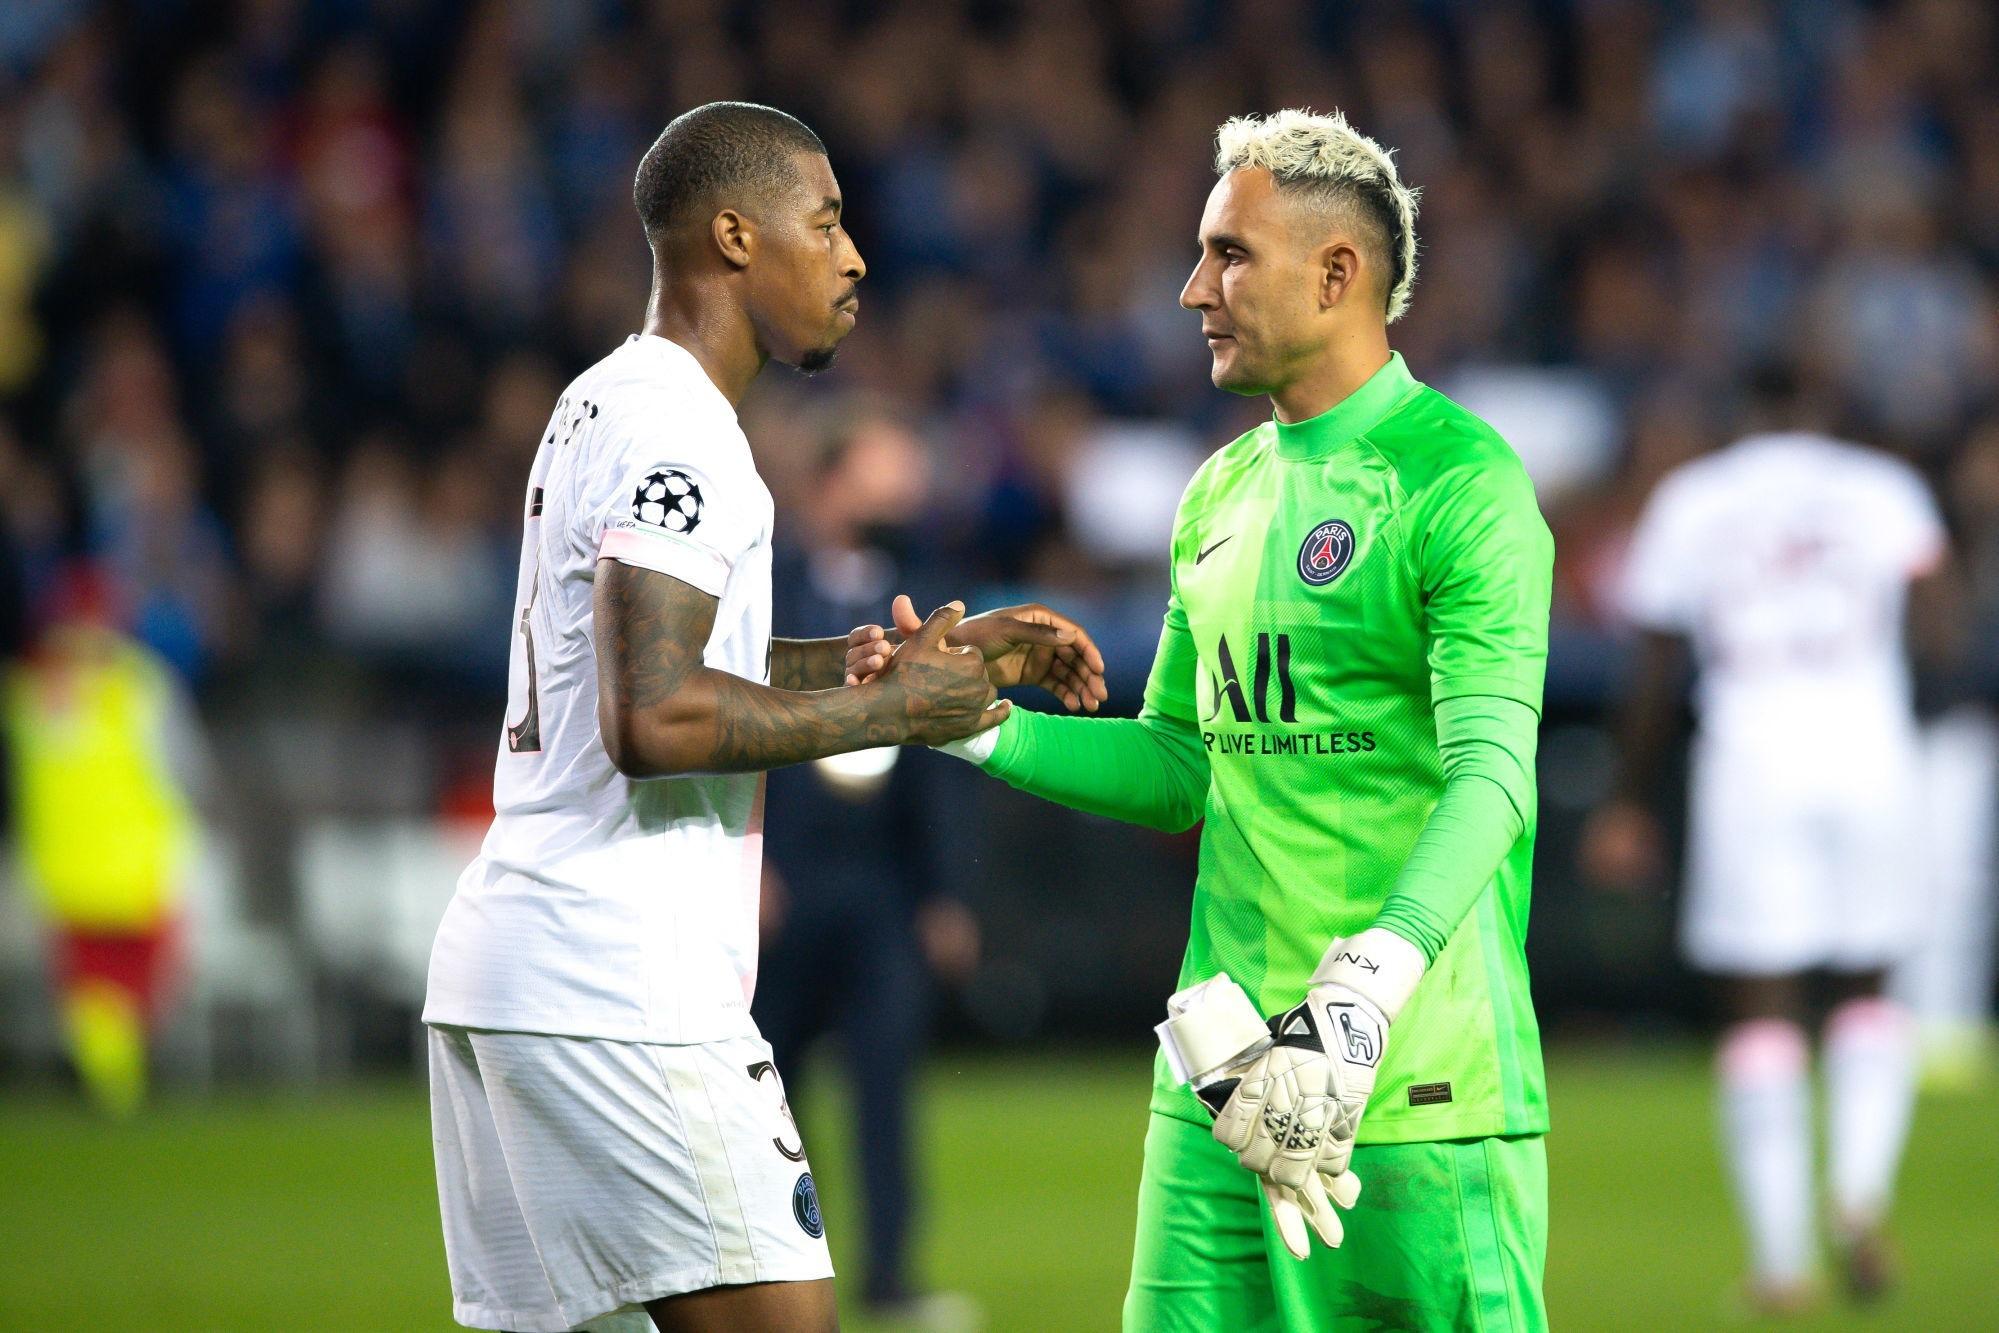 """Bruges/PSG - Navas """"nous devons devenir un collectif plus solide pour être meilleurs."""""""